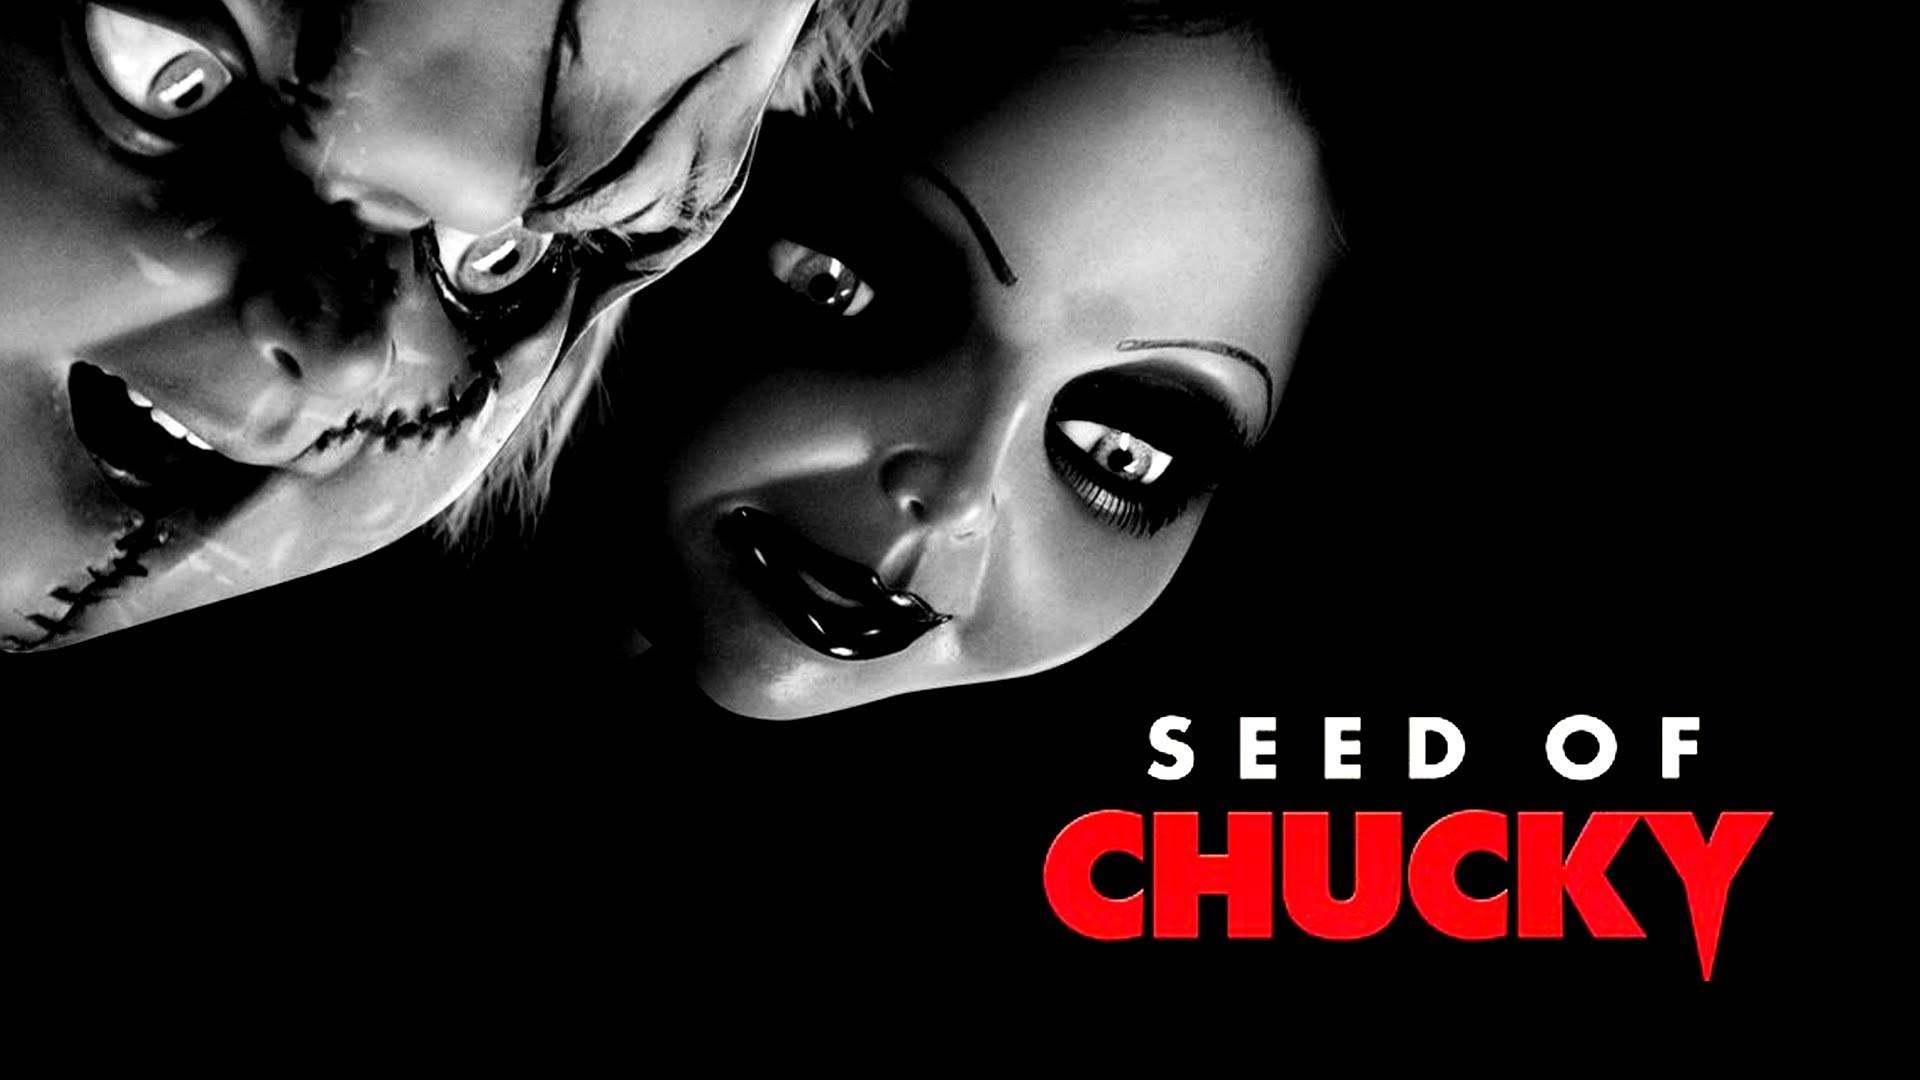 Chucky 7 Photos : Chucky Wallpaper 02 by